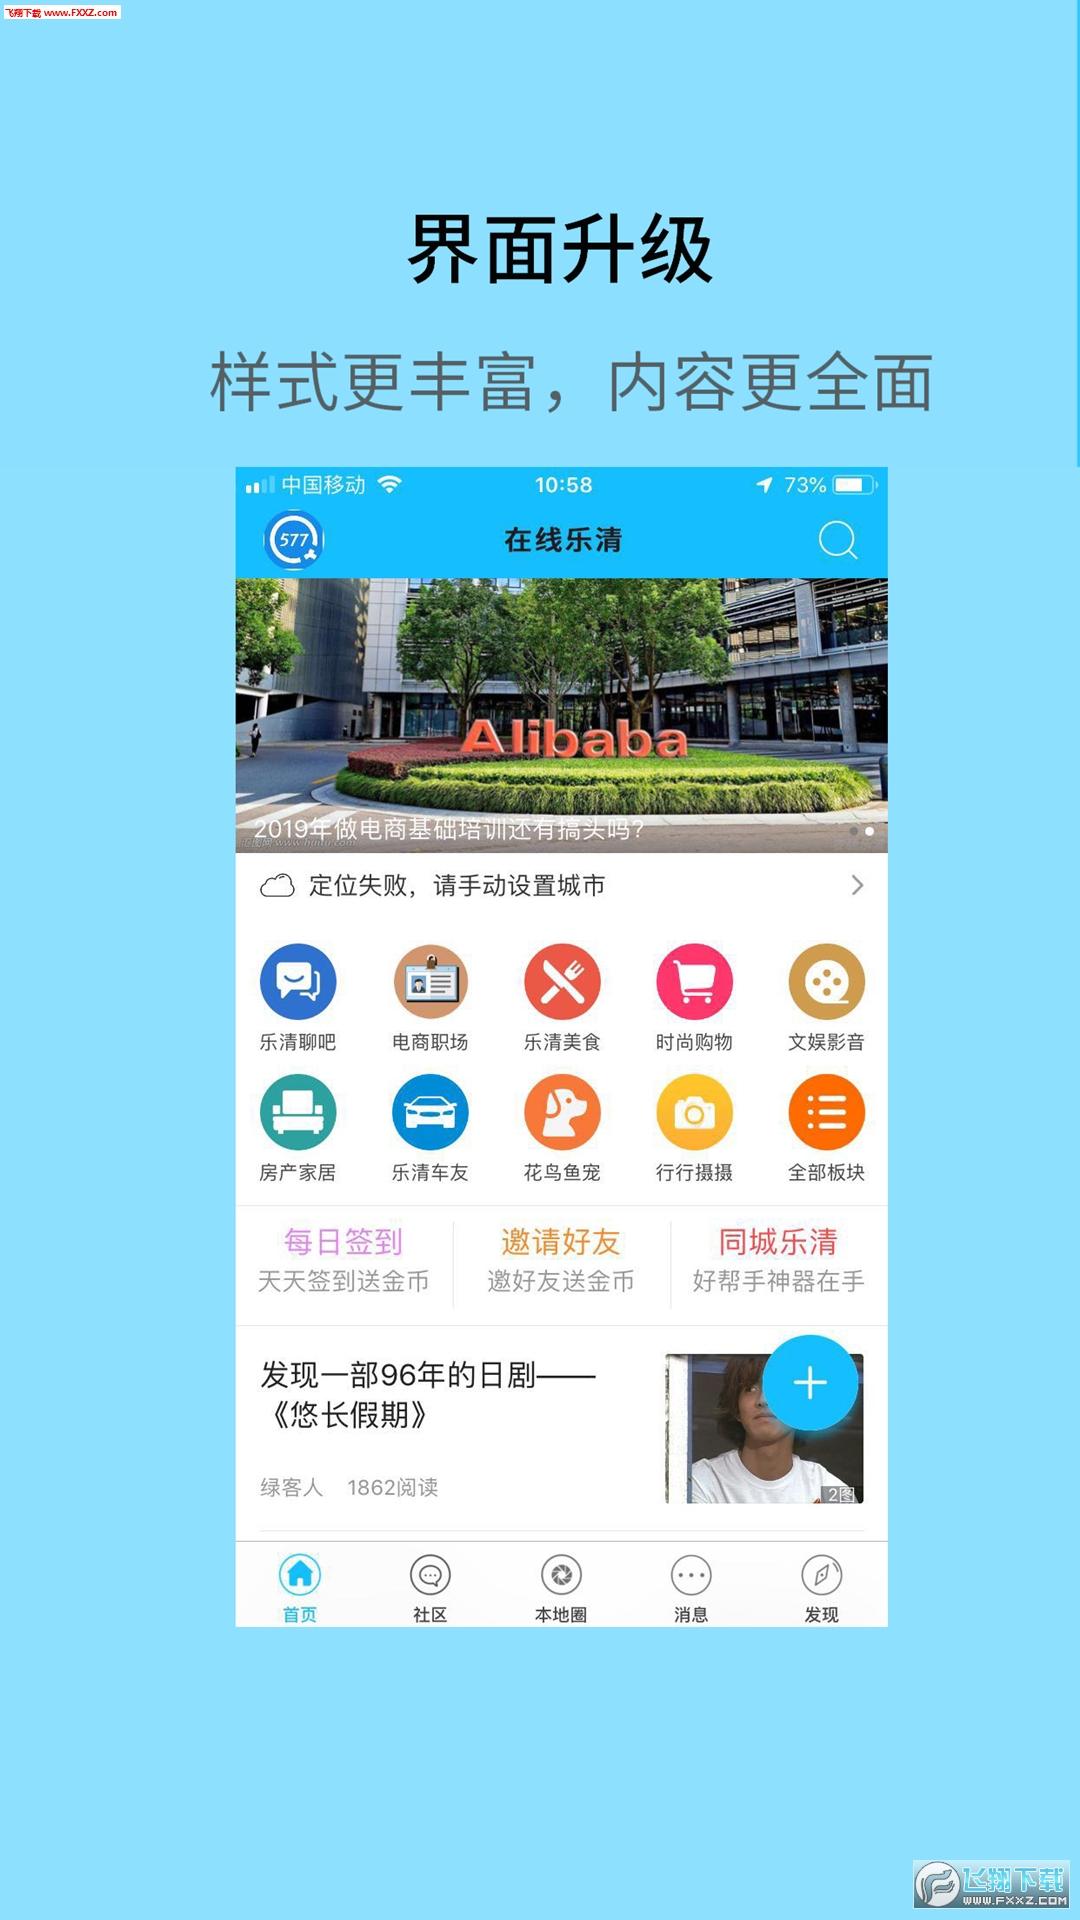 在线乐清app安卓版2.3截图2